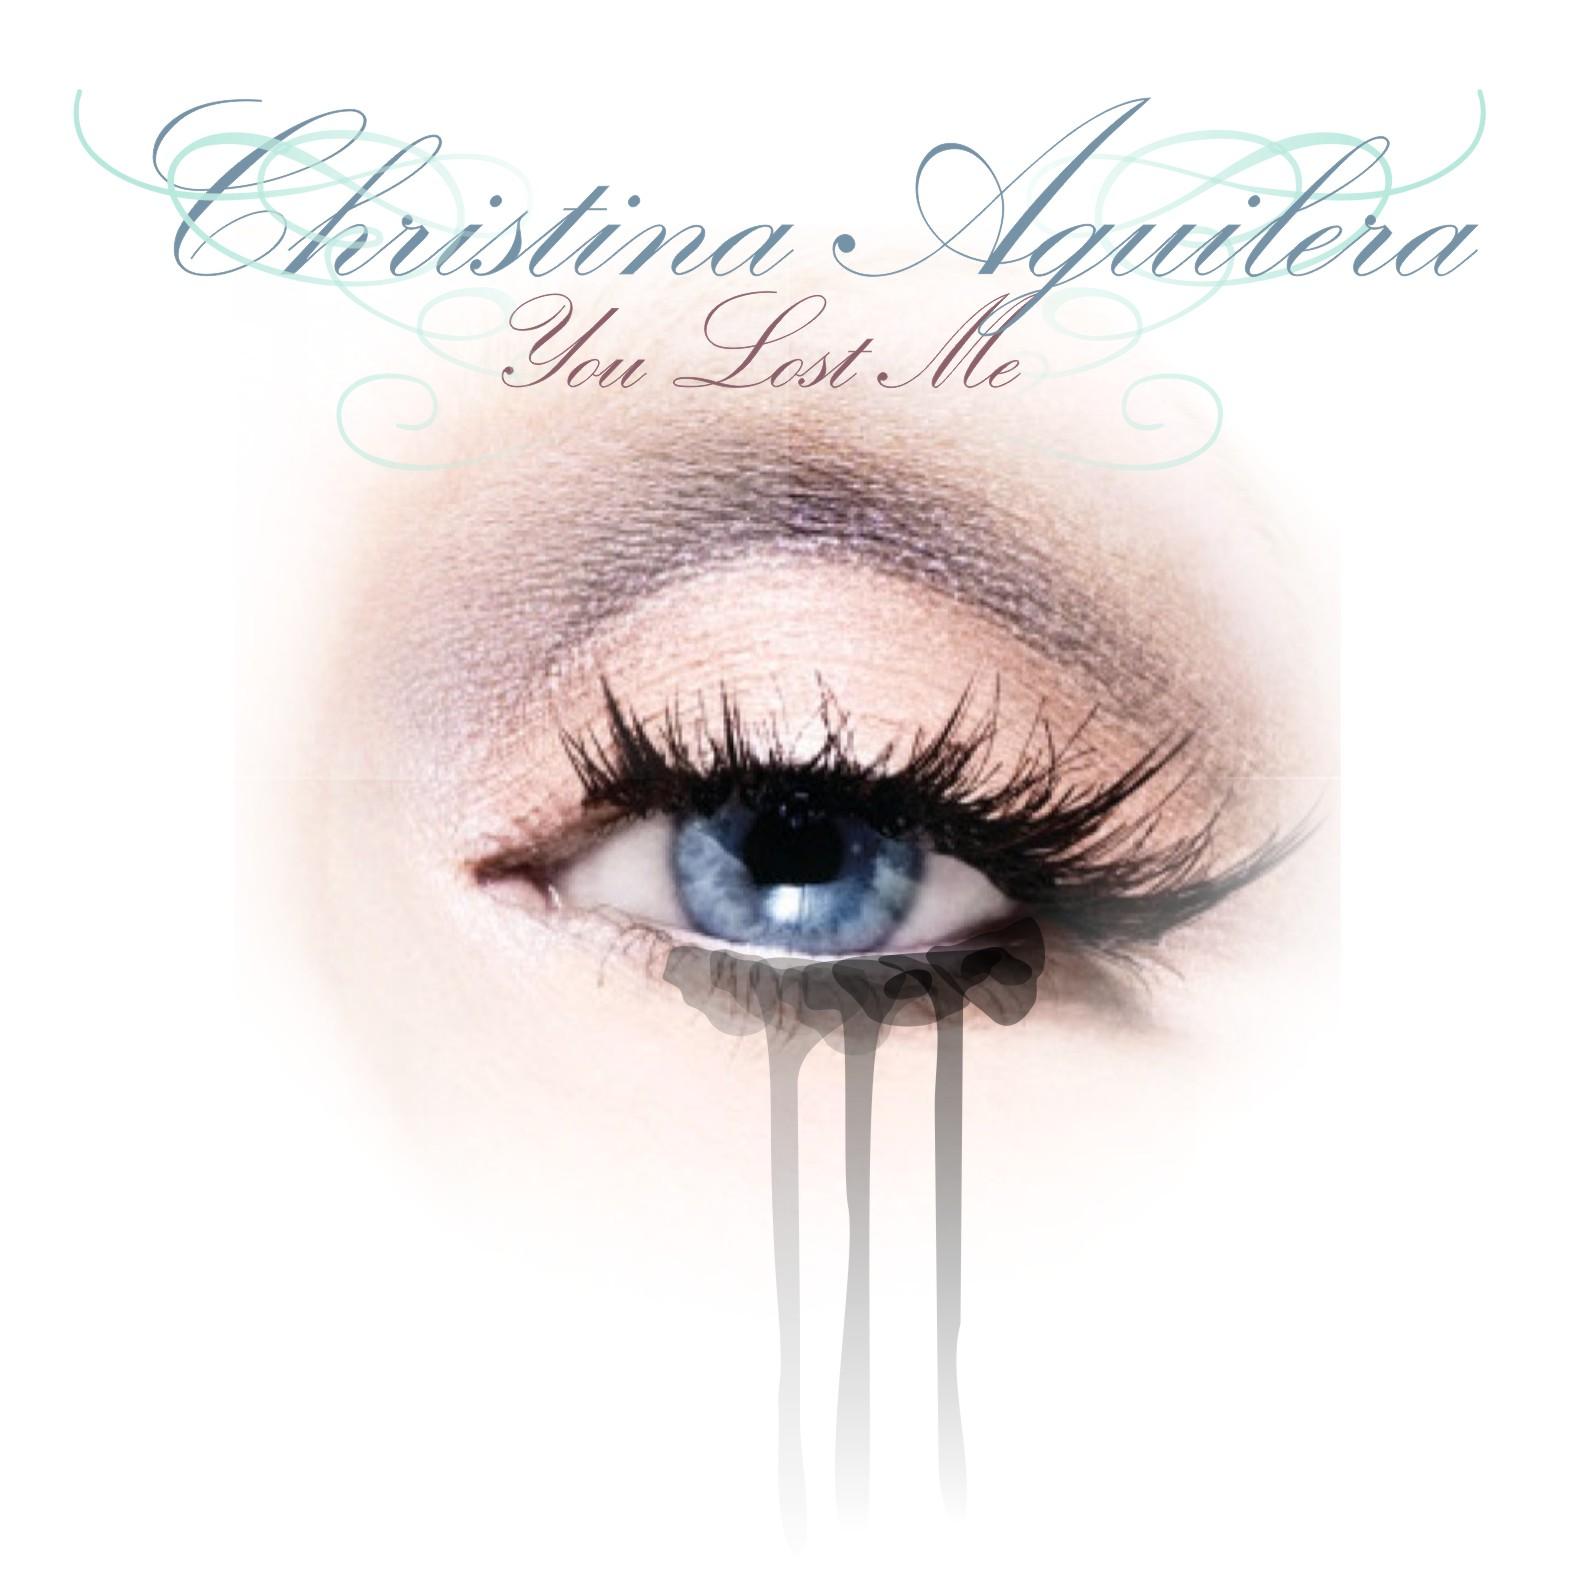 http://2.bp.blogspot.com/_mS-PZlSAinc/TC9siafLxAI/AAAAAAAAAxI/llYi_Mtj61g/s1600/christina+aguilera+you+lost+me2.jpg